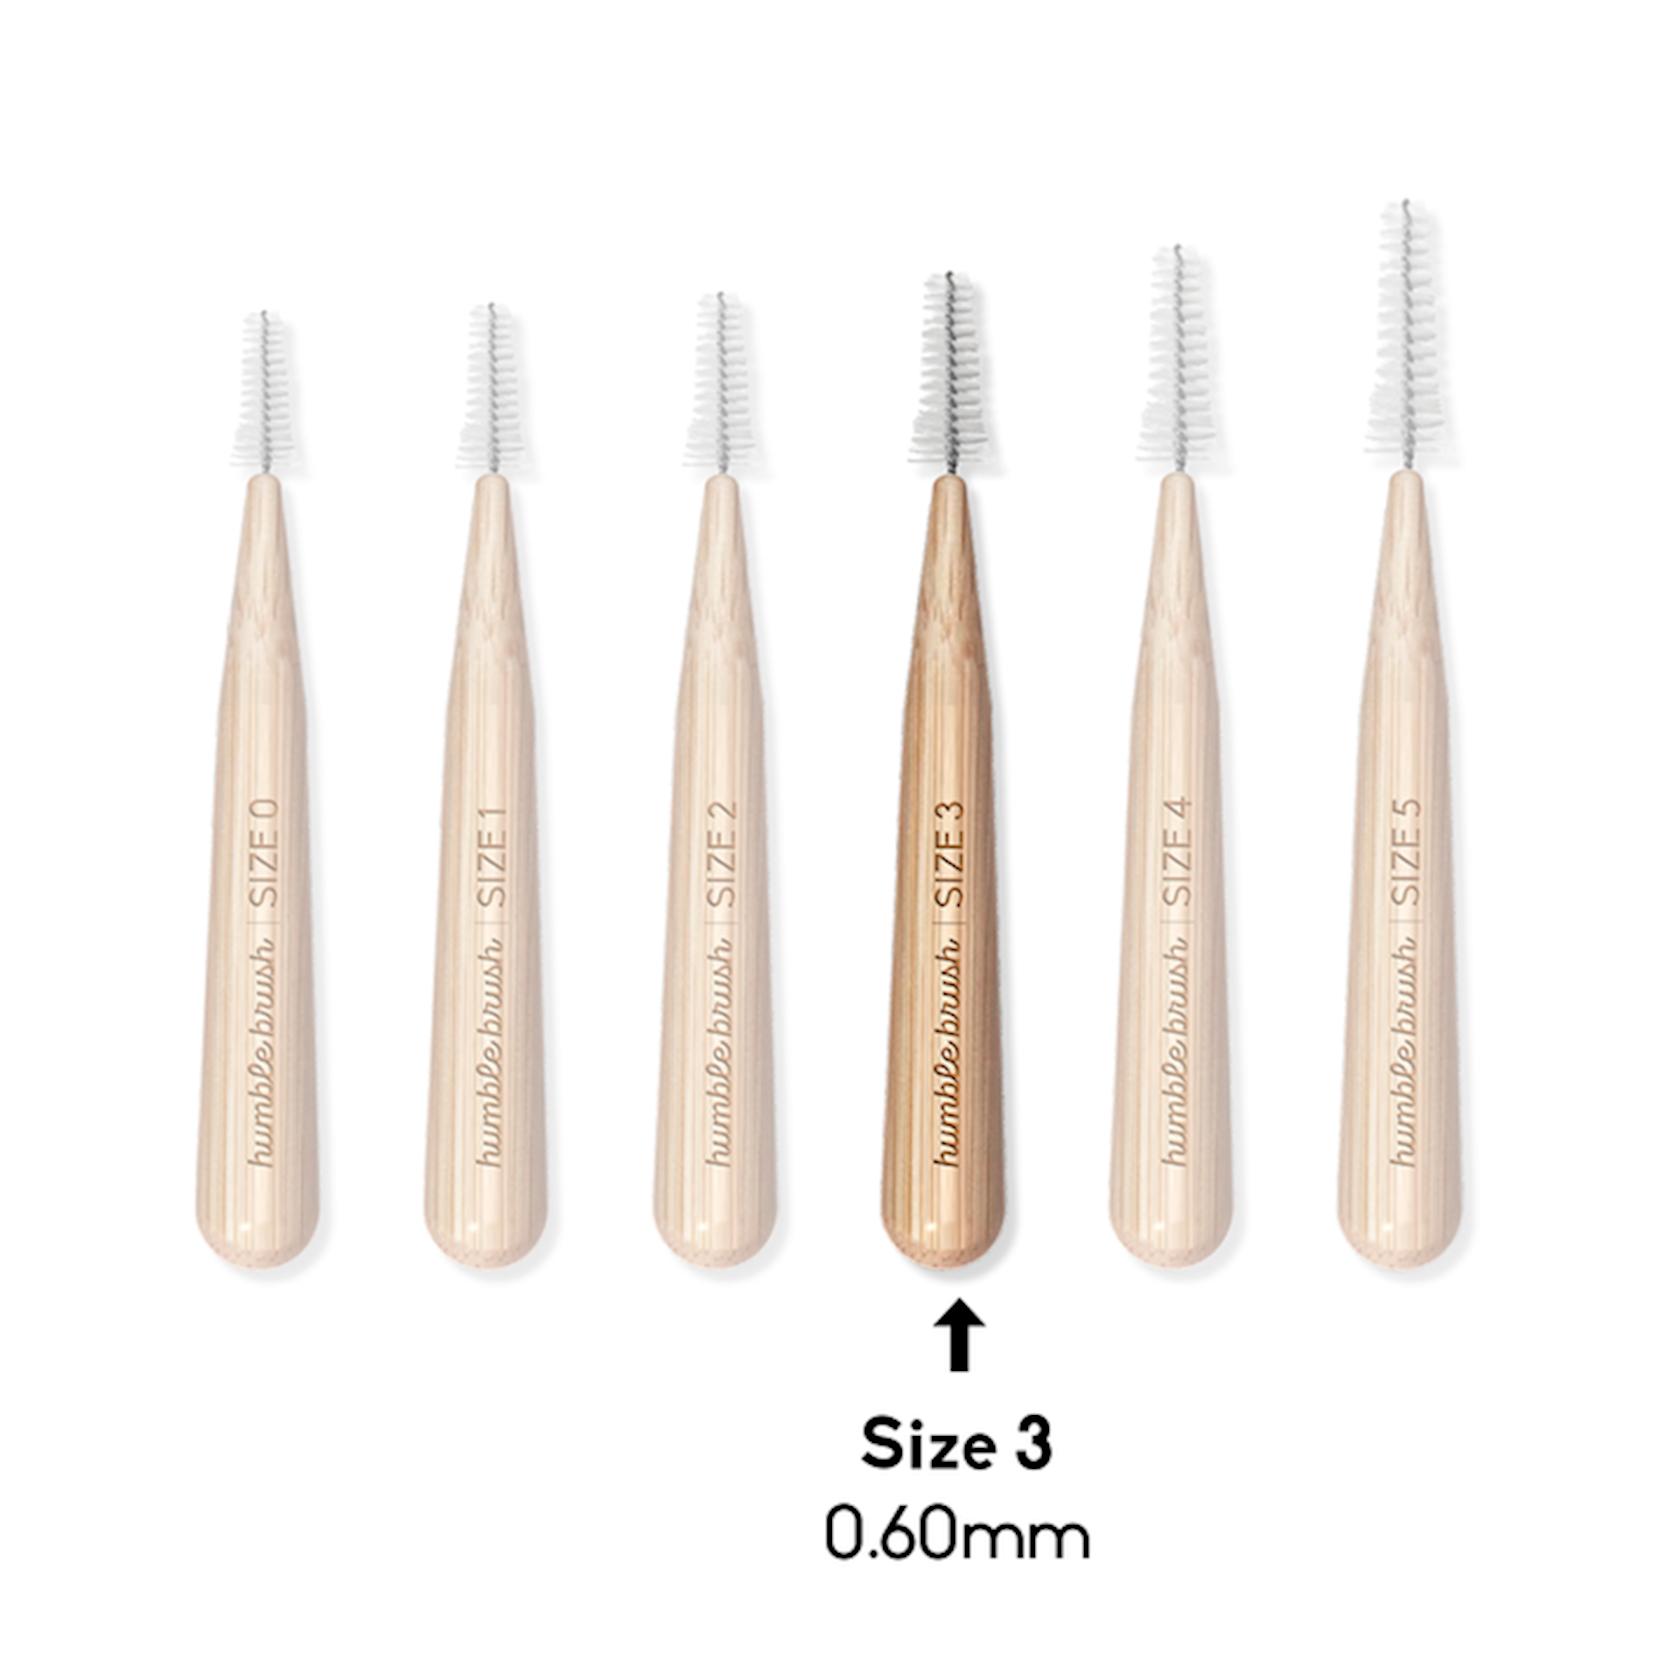 Dişarası bambuk fırçası Humble Co, 0, 6 mm, 6 ədəd